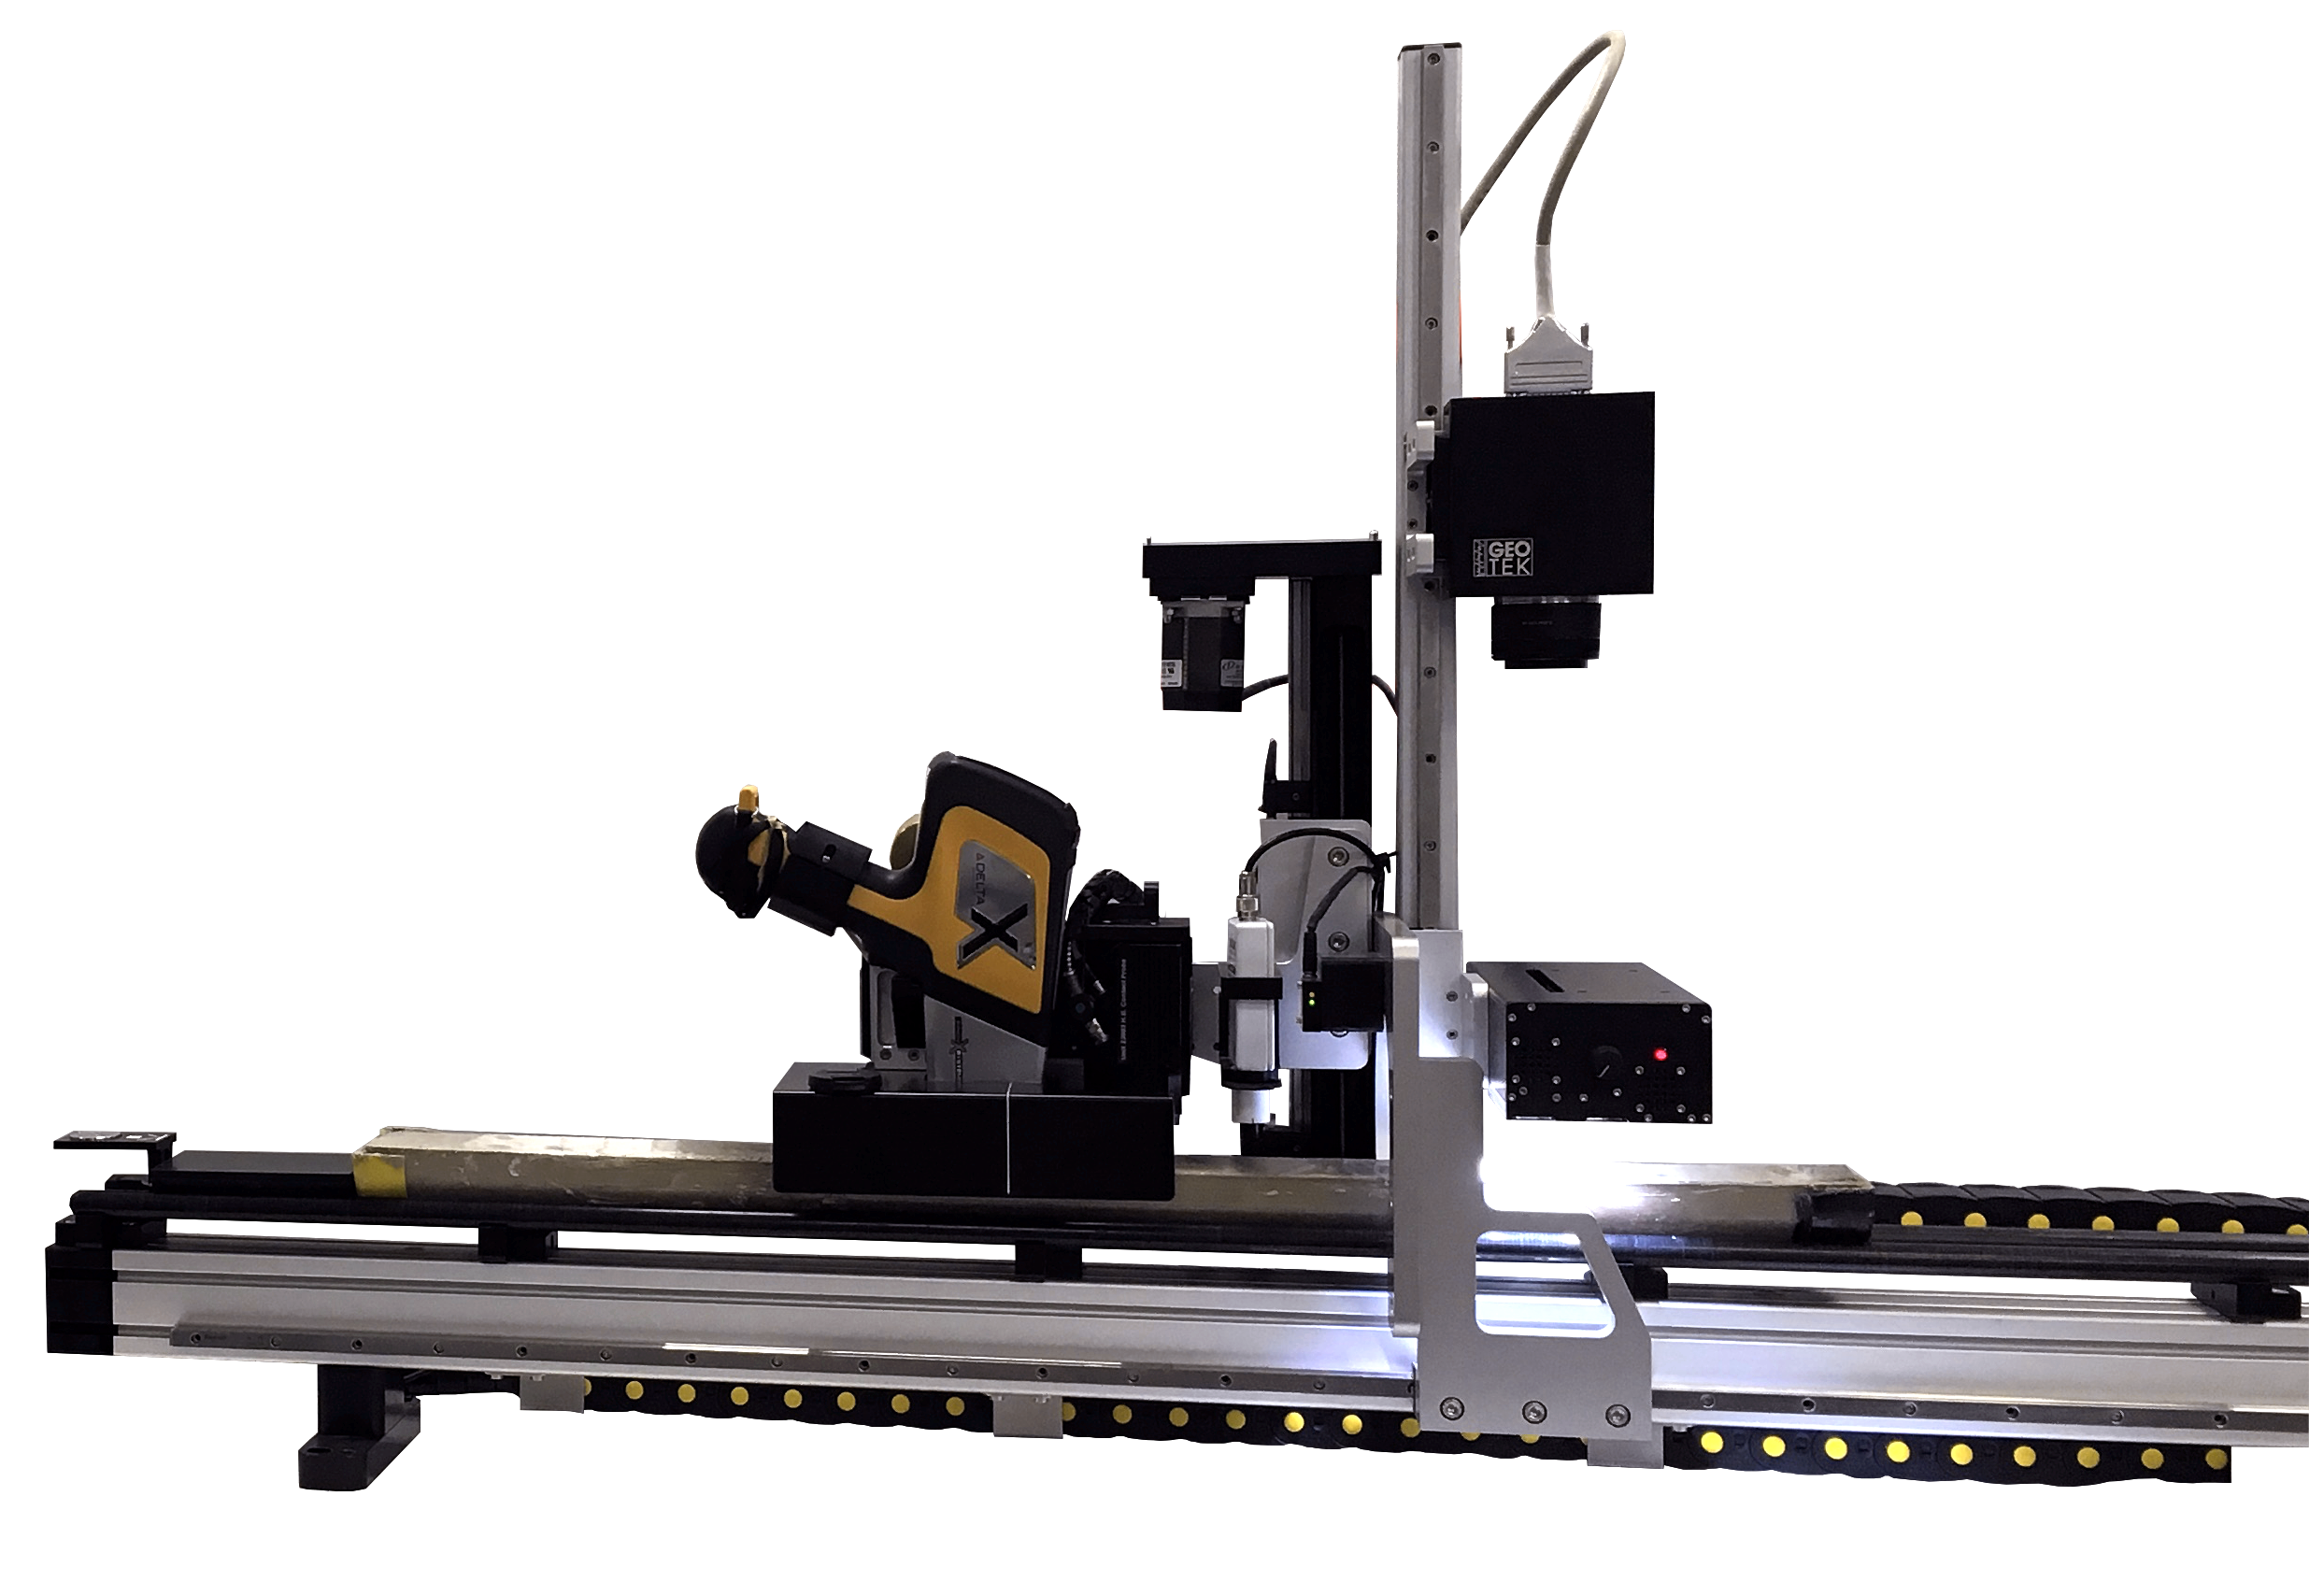 Настольный сканер керна Geotek MSCL-XZ купить в Техноинфо